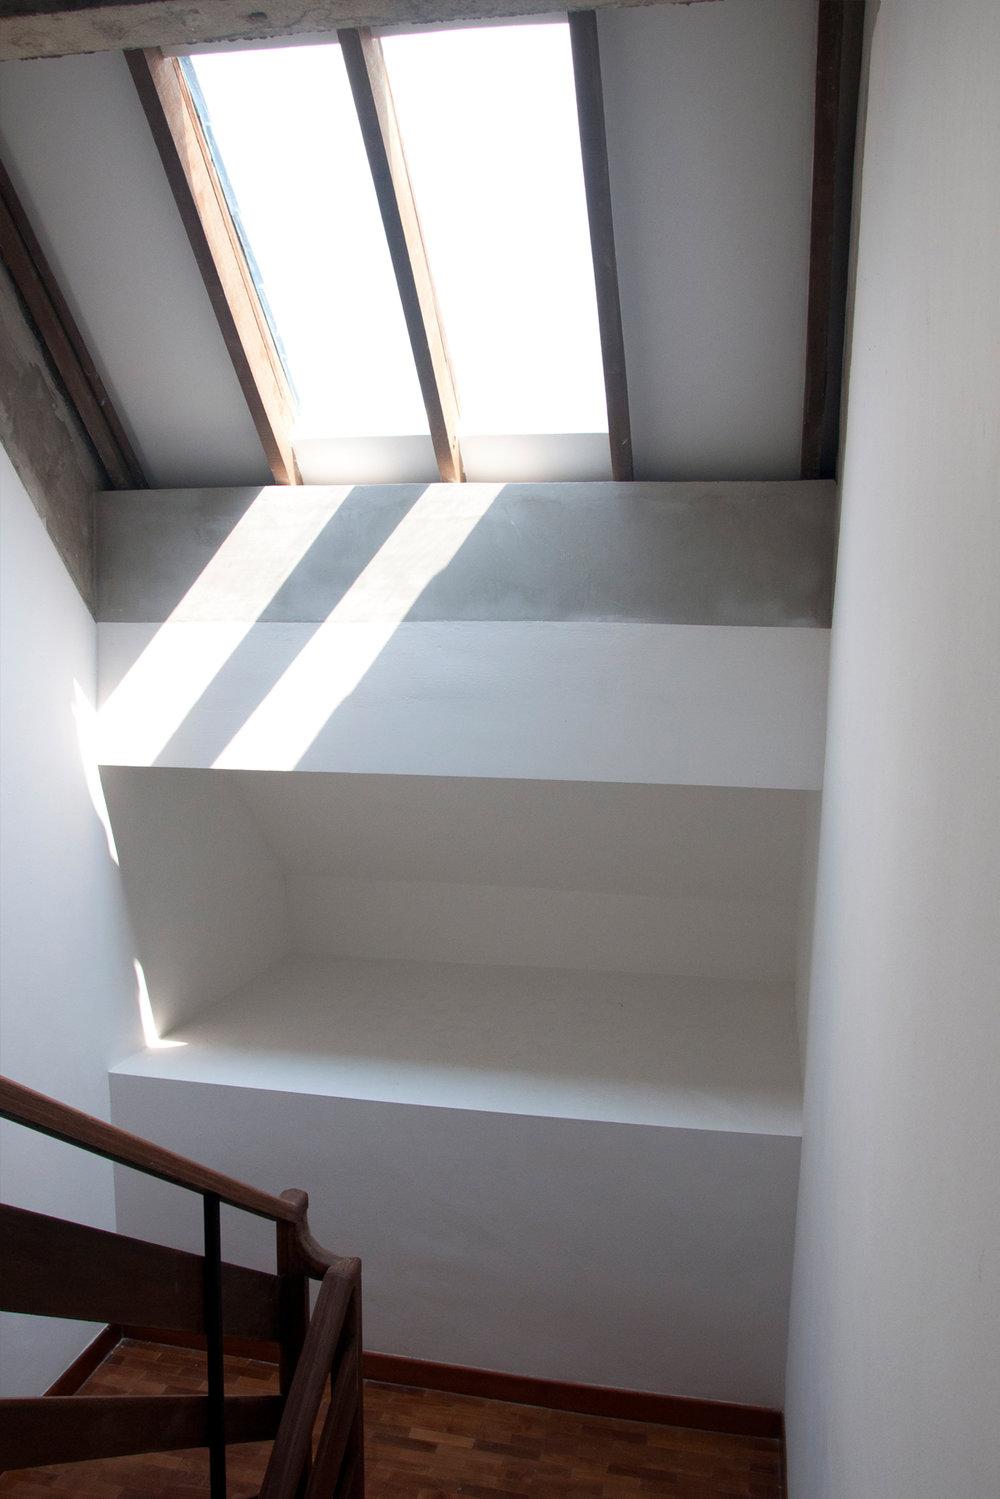 ppc_skylight